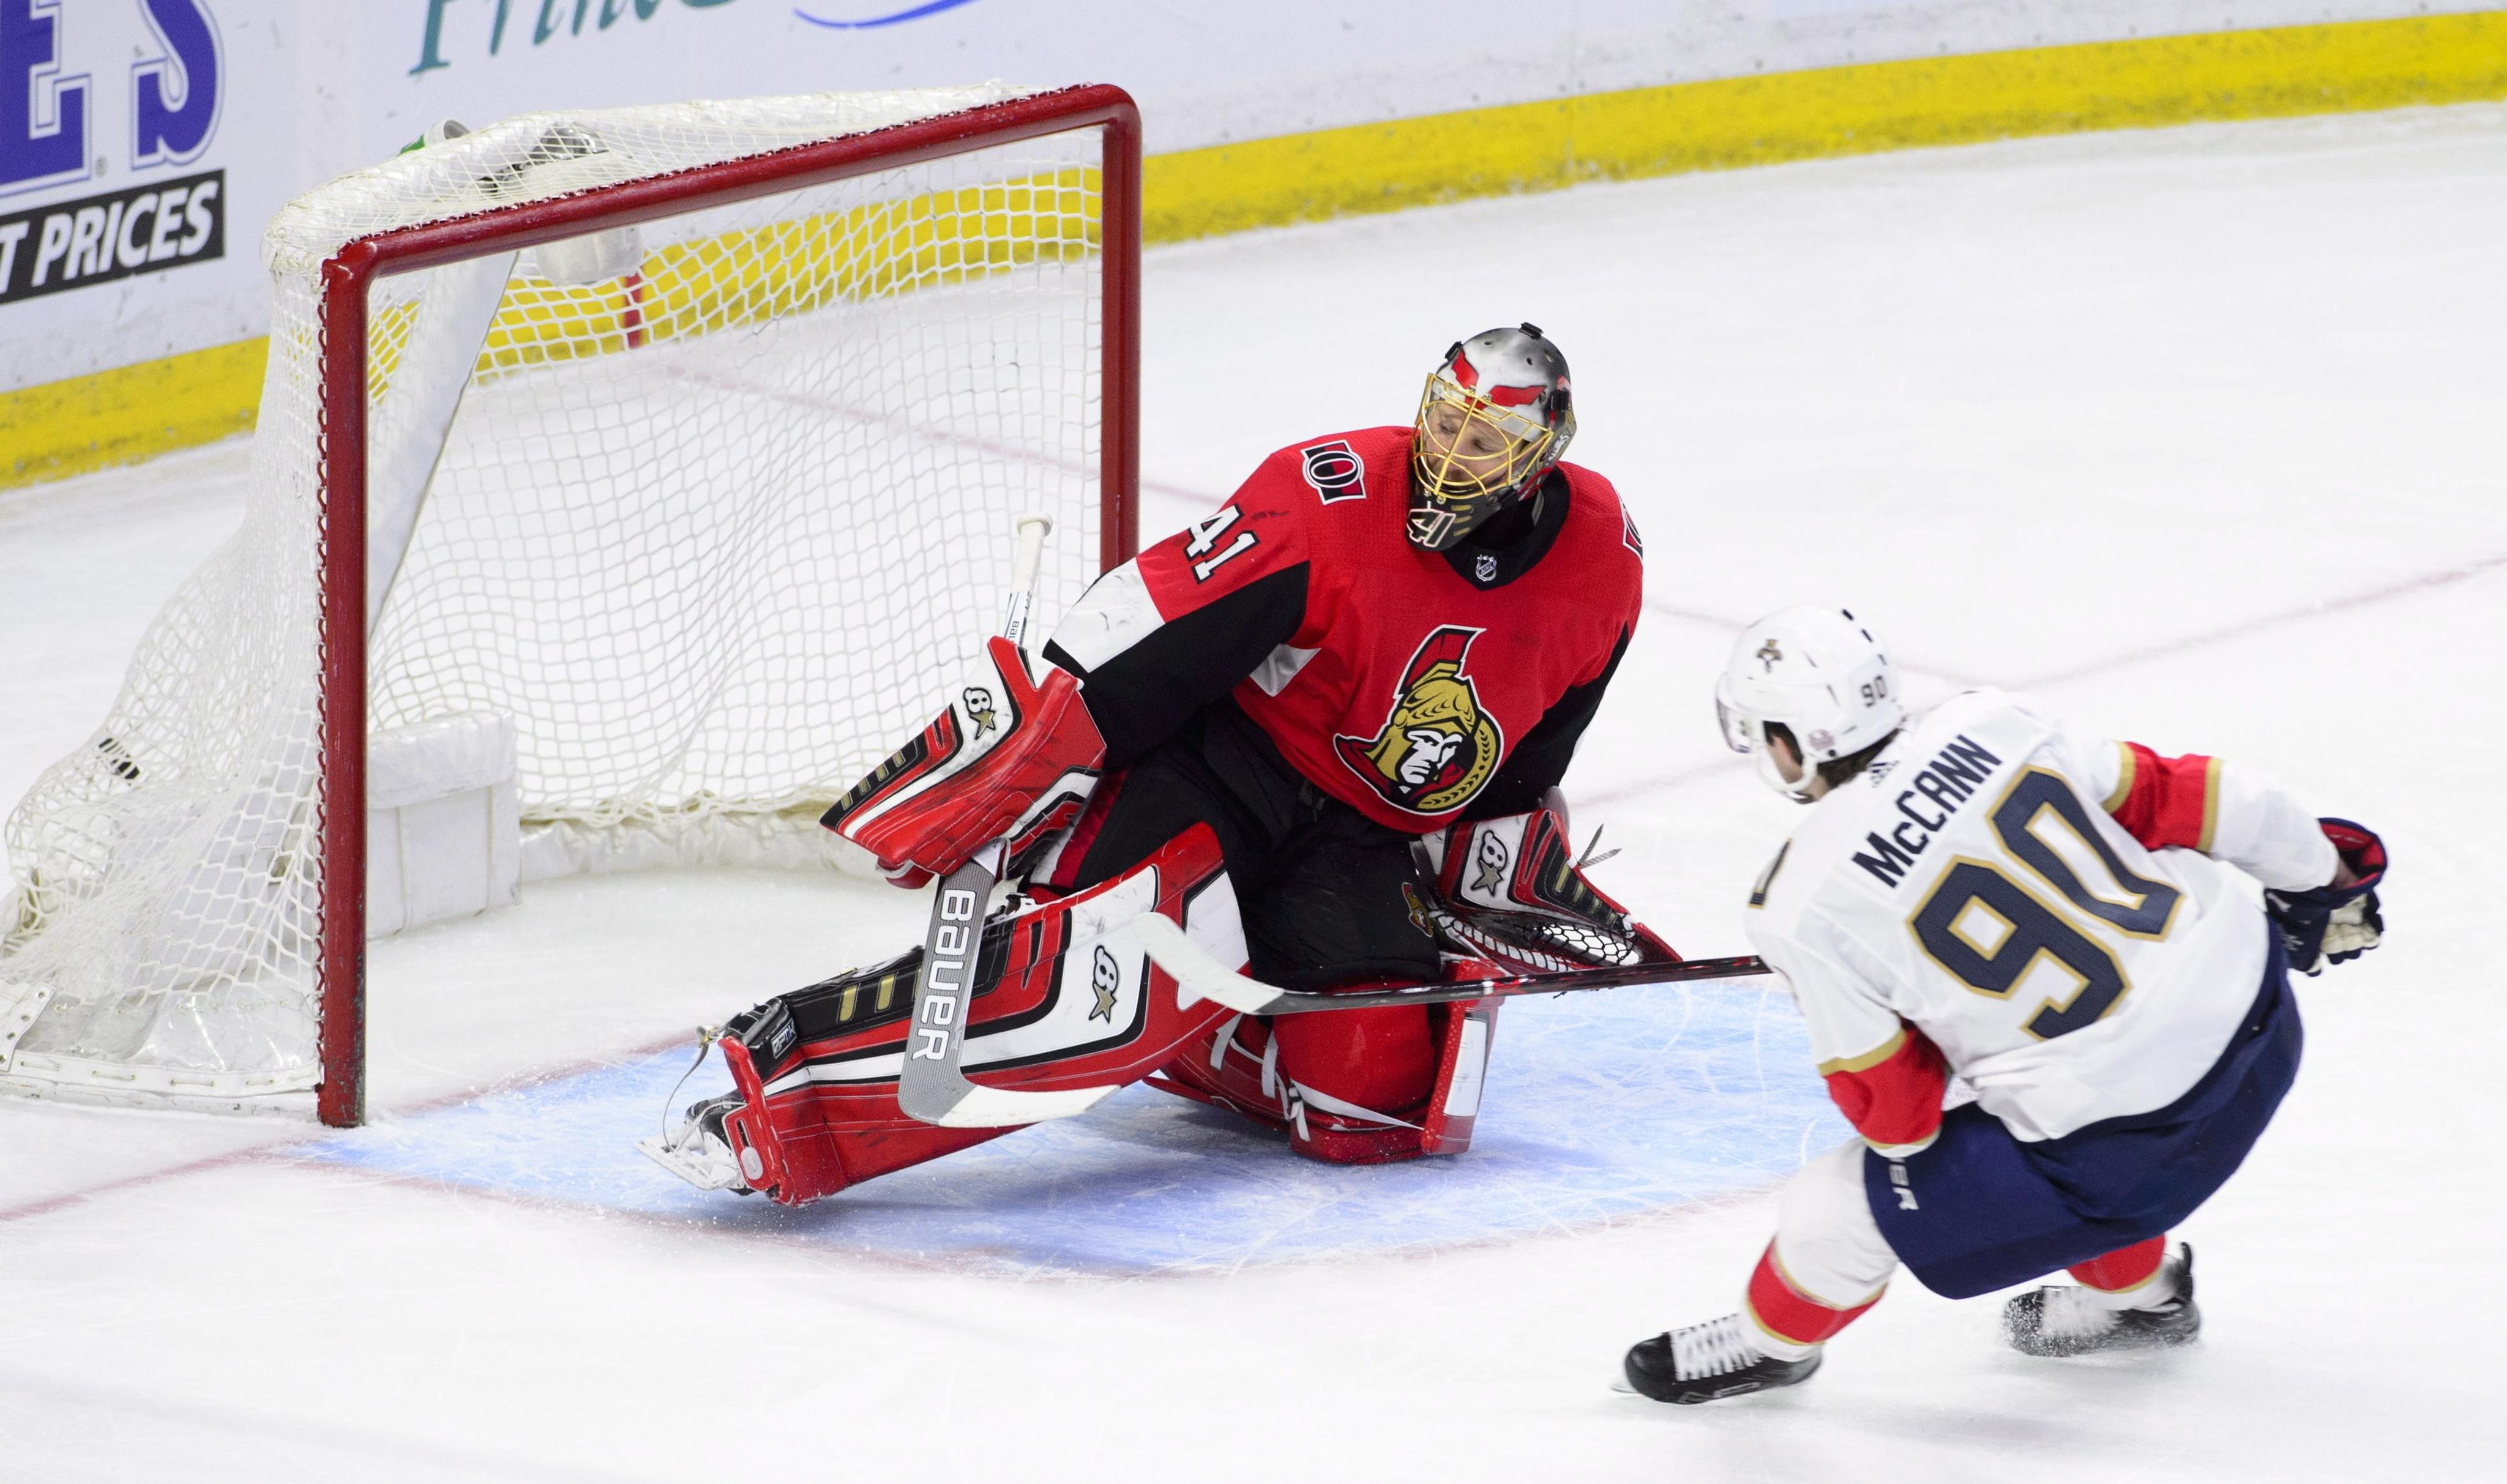 Panthers_senators_hockey_67720_s4096x2425